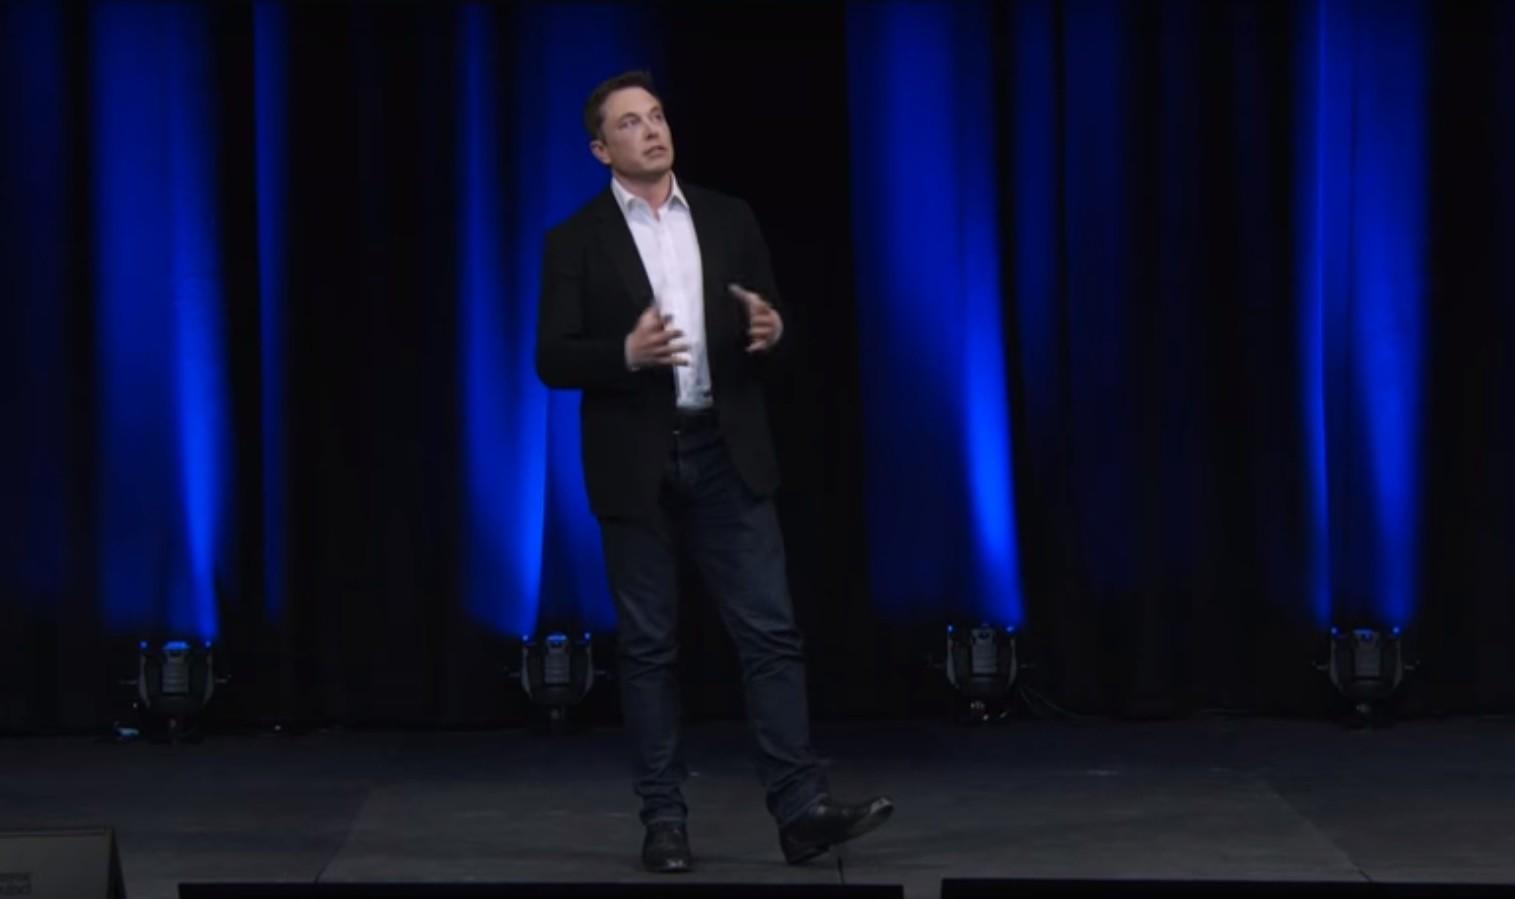 Foguetes vão permitir viagens entre qualquer cidade do mundo em menos de uma hora, promete Elon Musk